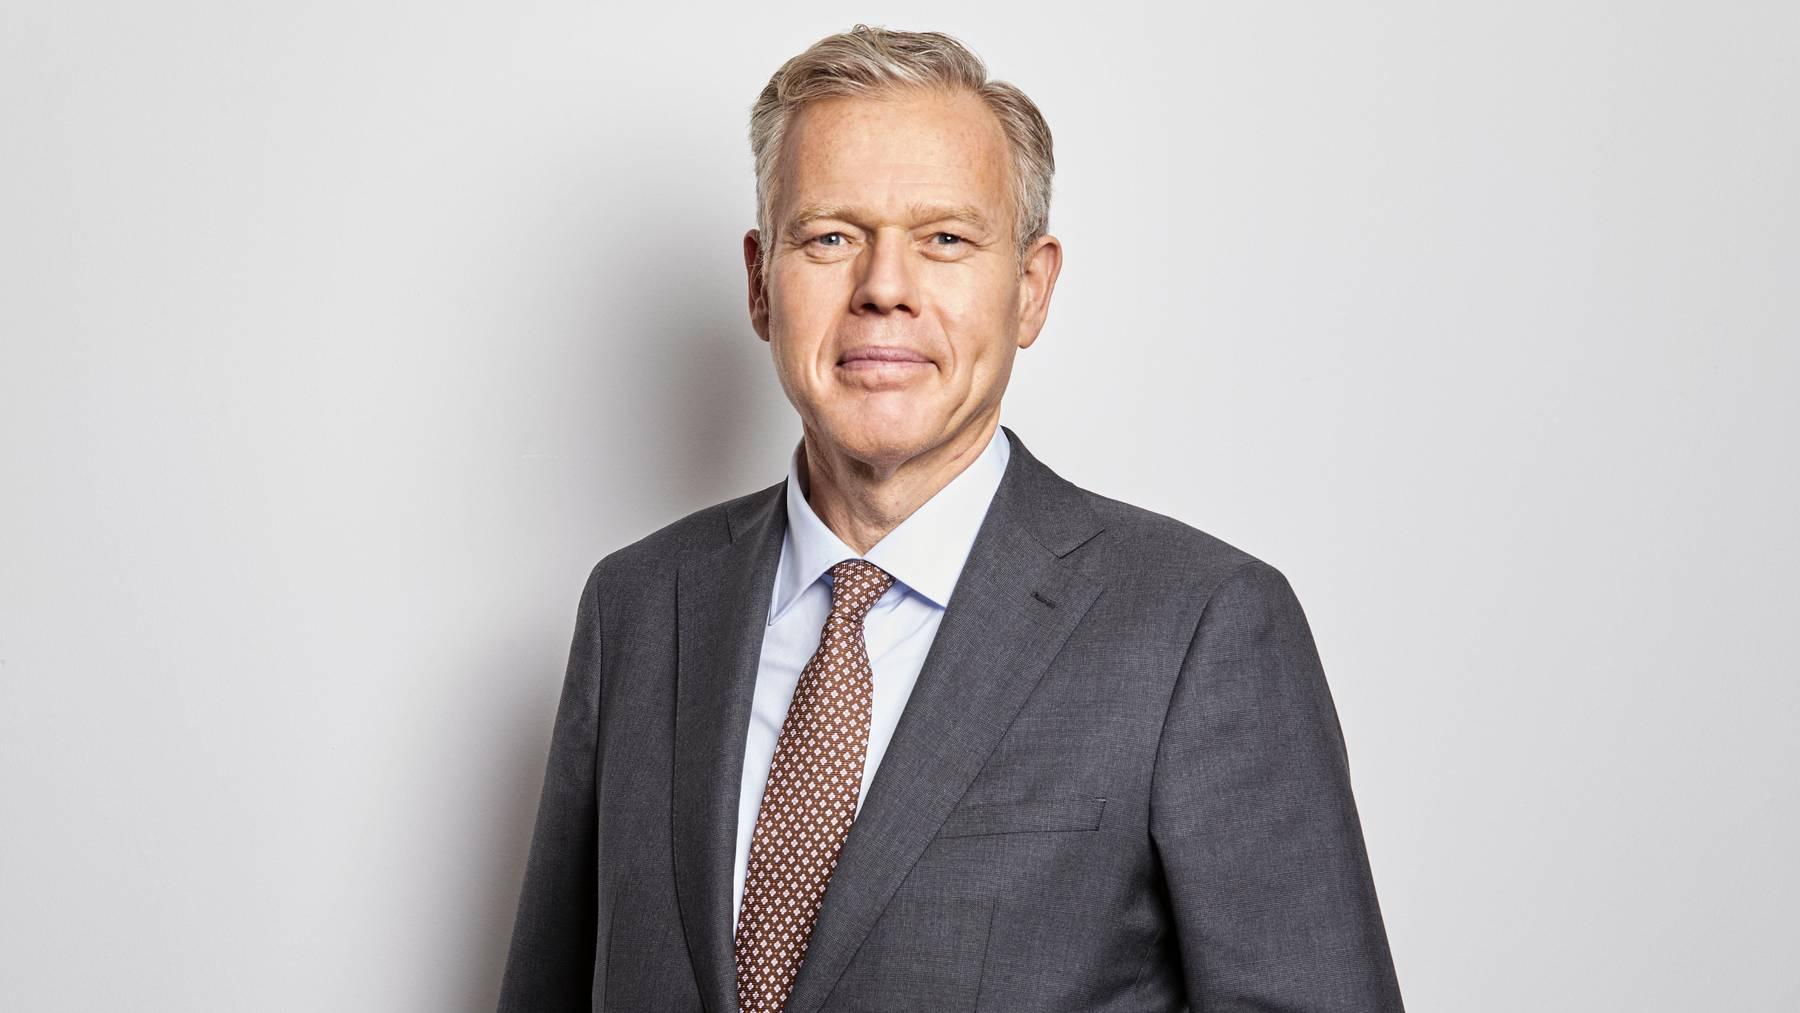 Conrad Keijzer ist ab dem kommenden Januar der neue CEO von Clariant.